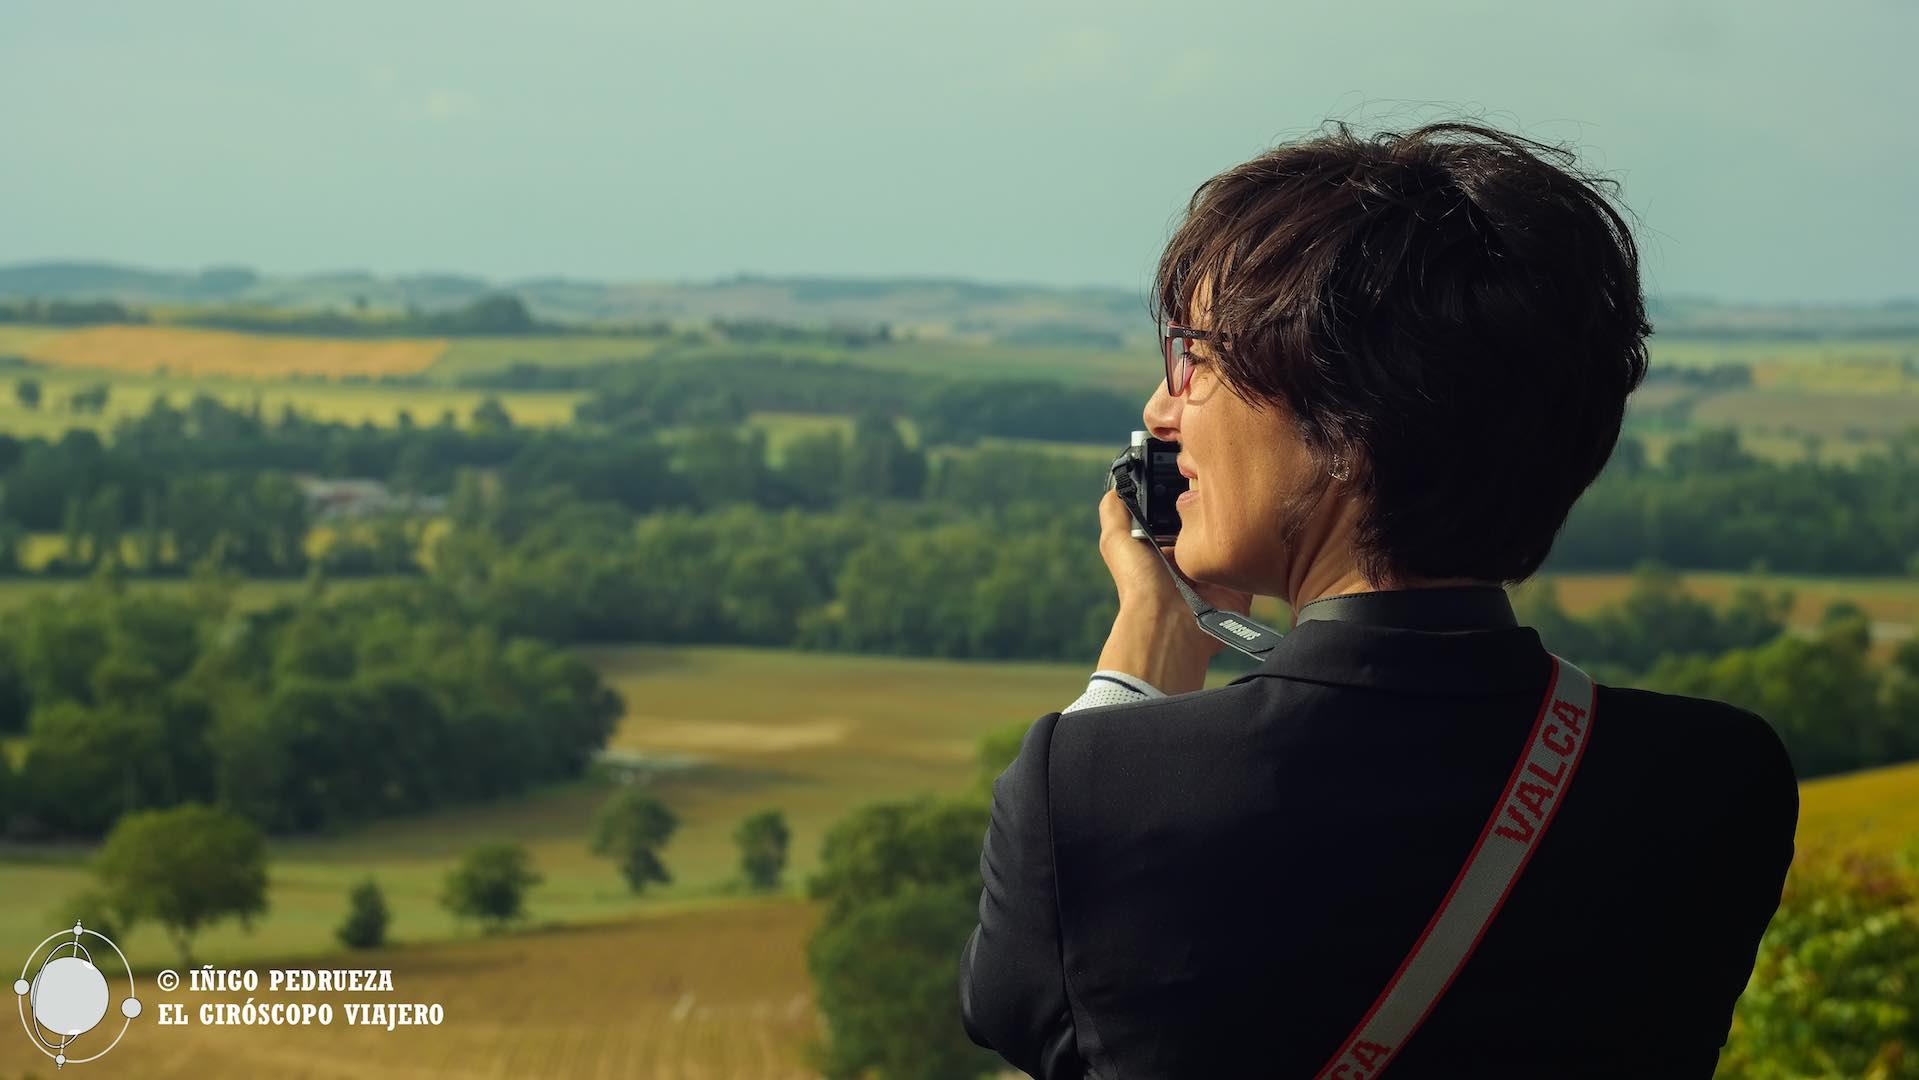 En un viaje de prensa en el Tarn-et-Garonne, Francia